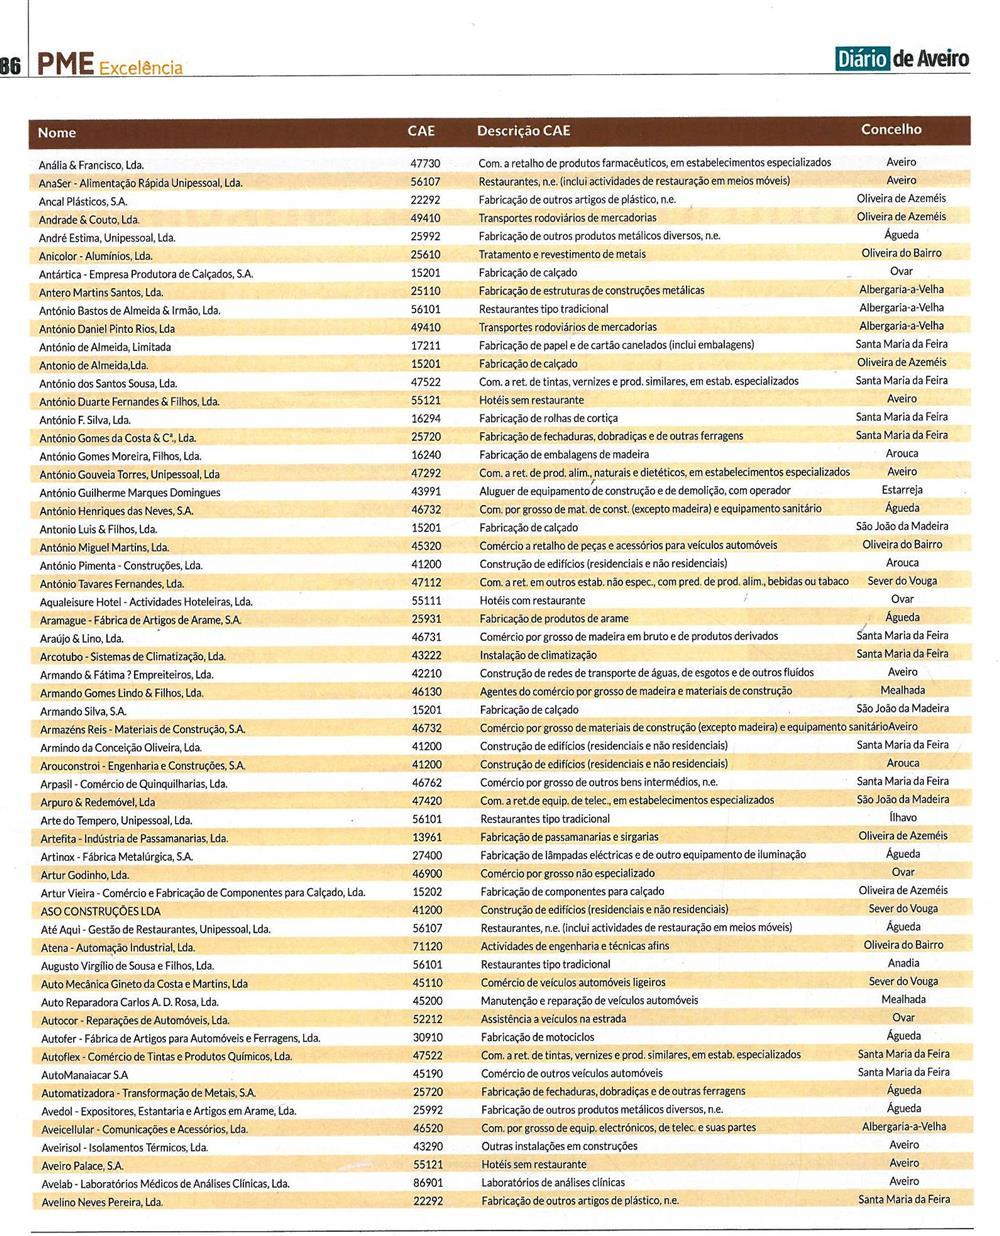 DA-06jun.'18-sup.PMEp.86-PME Excelência [4.ª parte de sete] : empresas distinguidas como PME Excelência no distrito de Aveiro em 2018.jpg